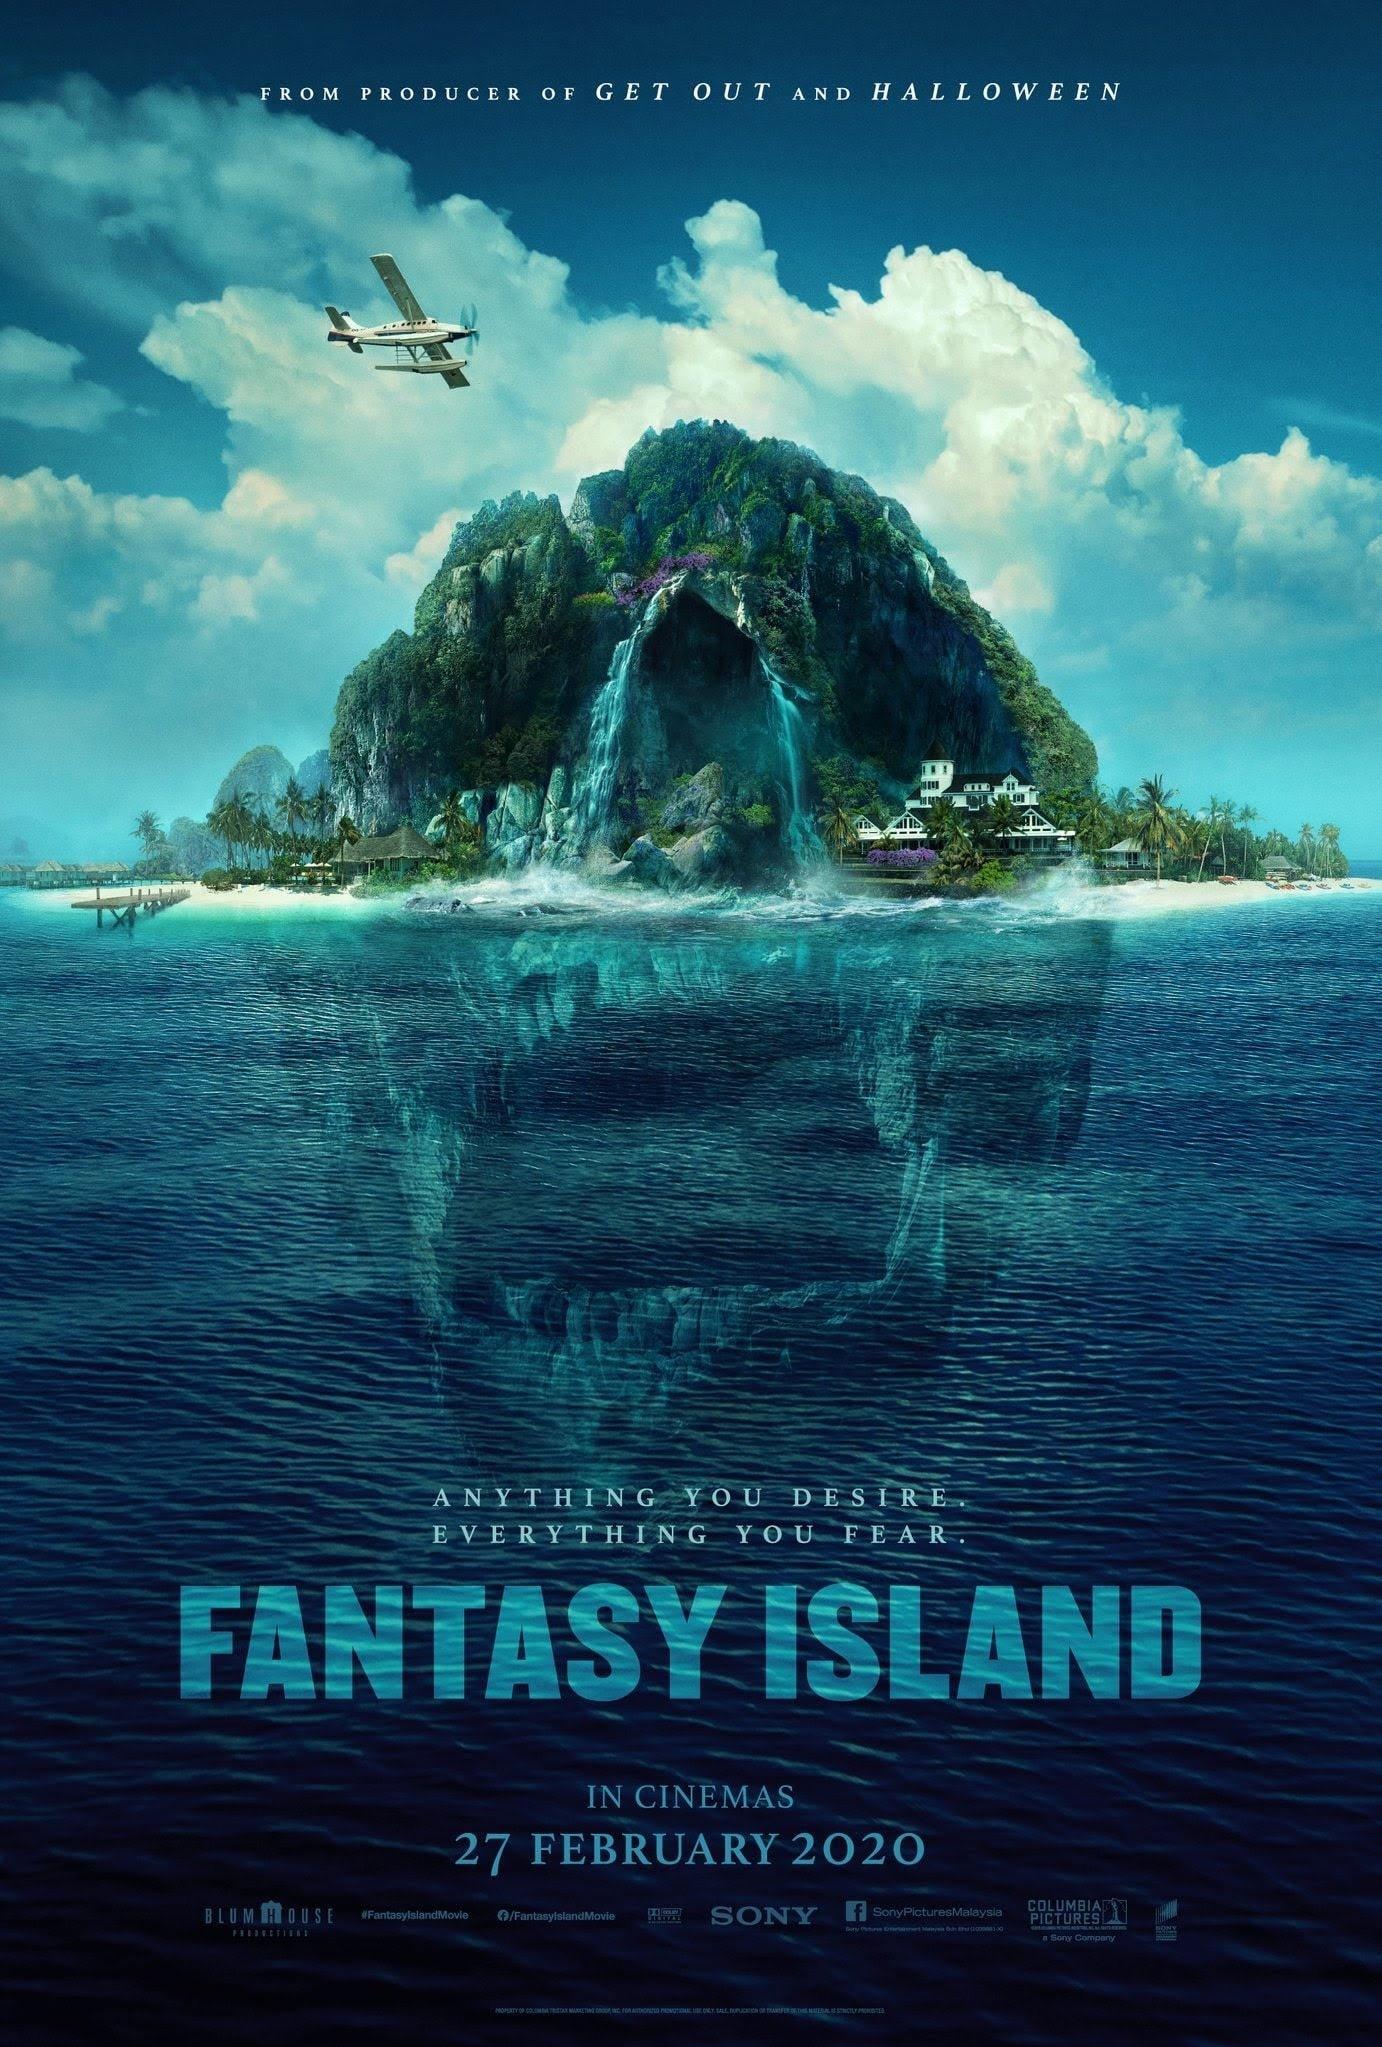 New Poster for Fantasy Island : 70年代の人気テレビシリーズをホラー映画化した「ファンタジー・アイランド」の不気味なドクロ・ポスター ! !